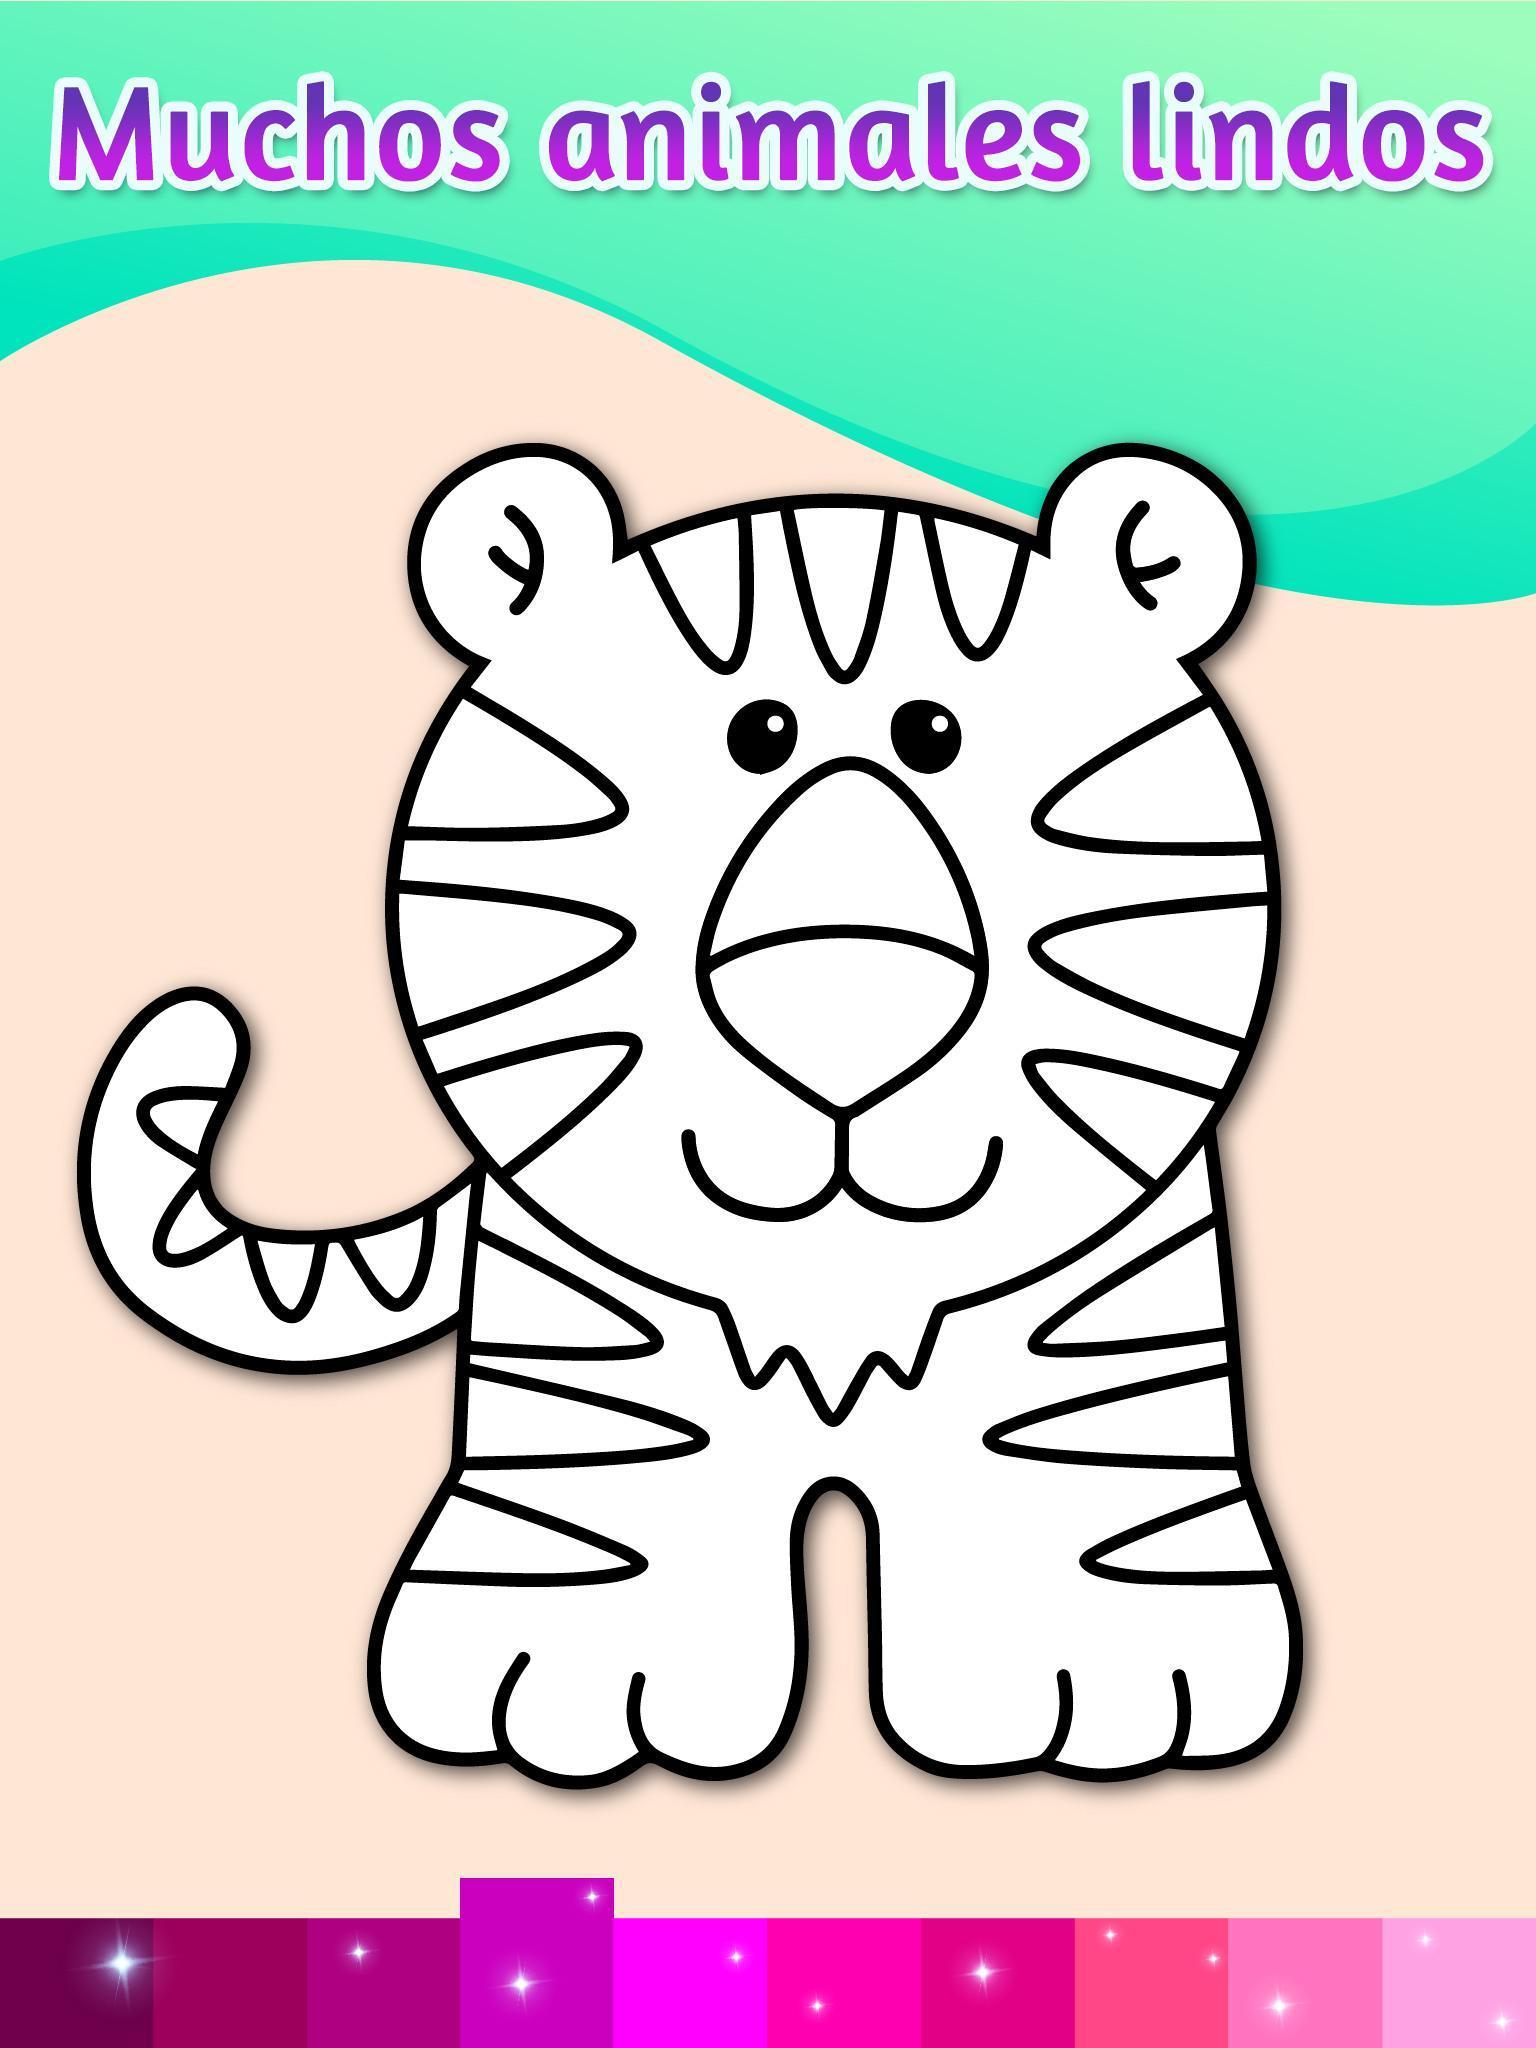 Dibujos Para Colorear Animacion Juegos Infantiles For Android